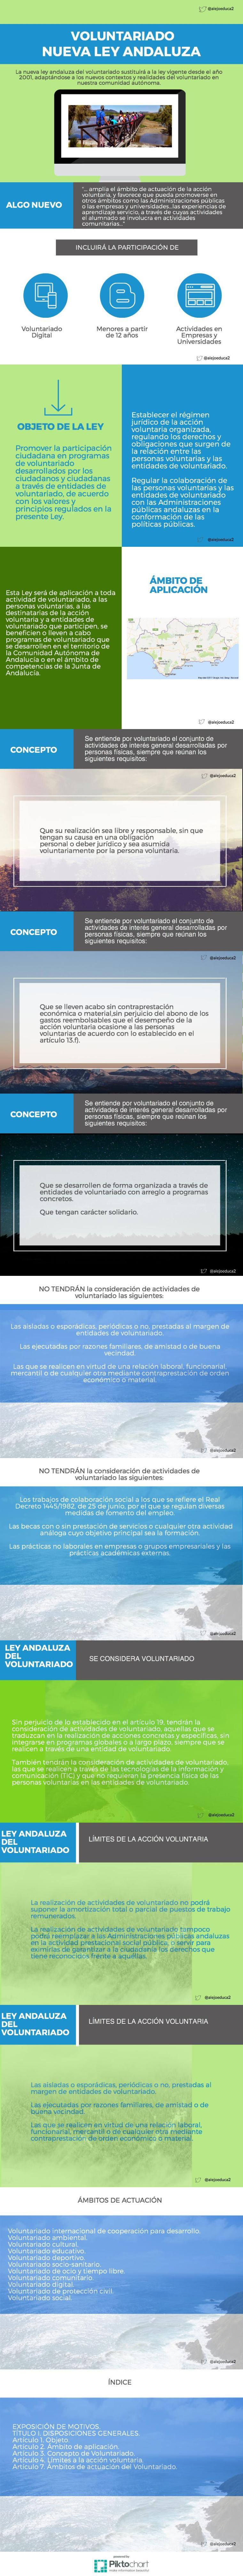 resumen1 ley andaluza del voluntariado @alejoeduca2